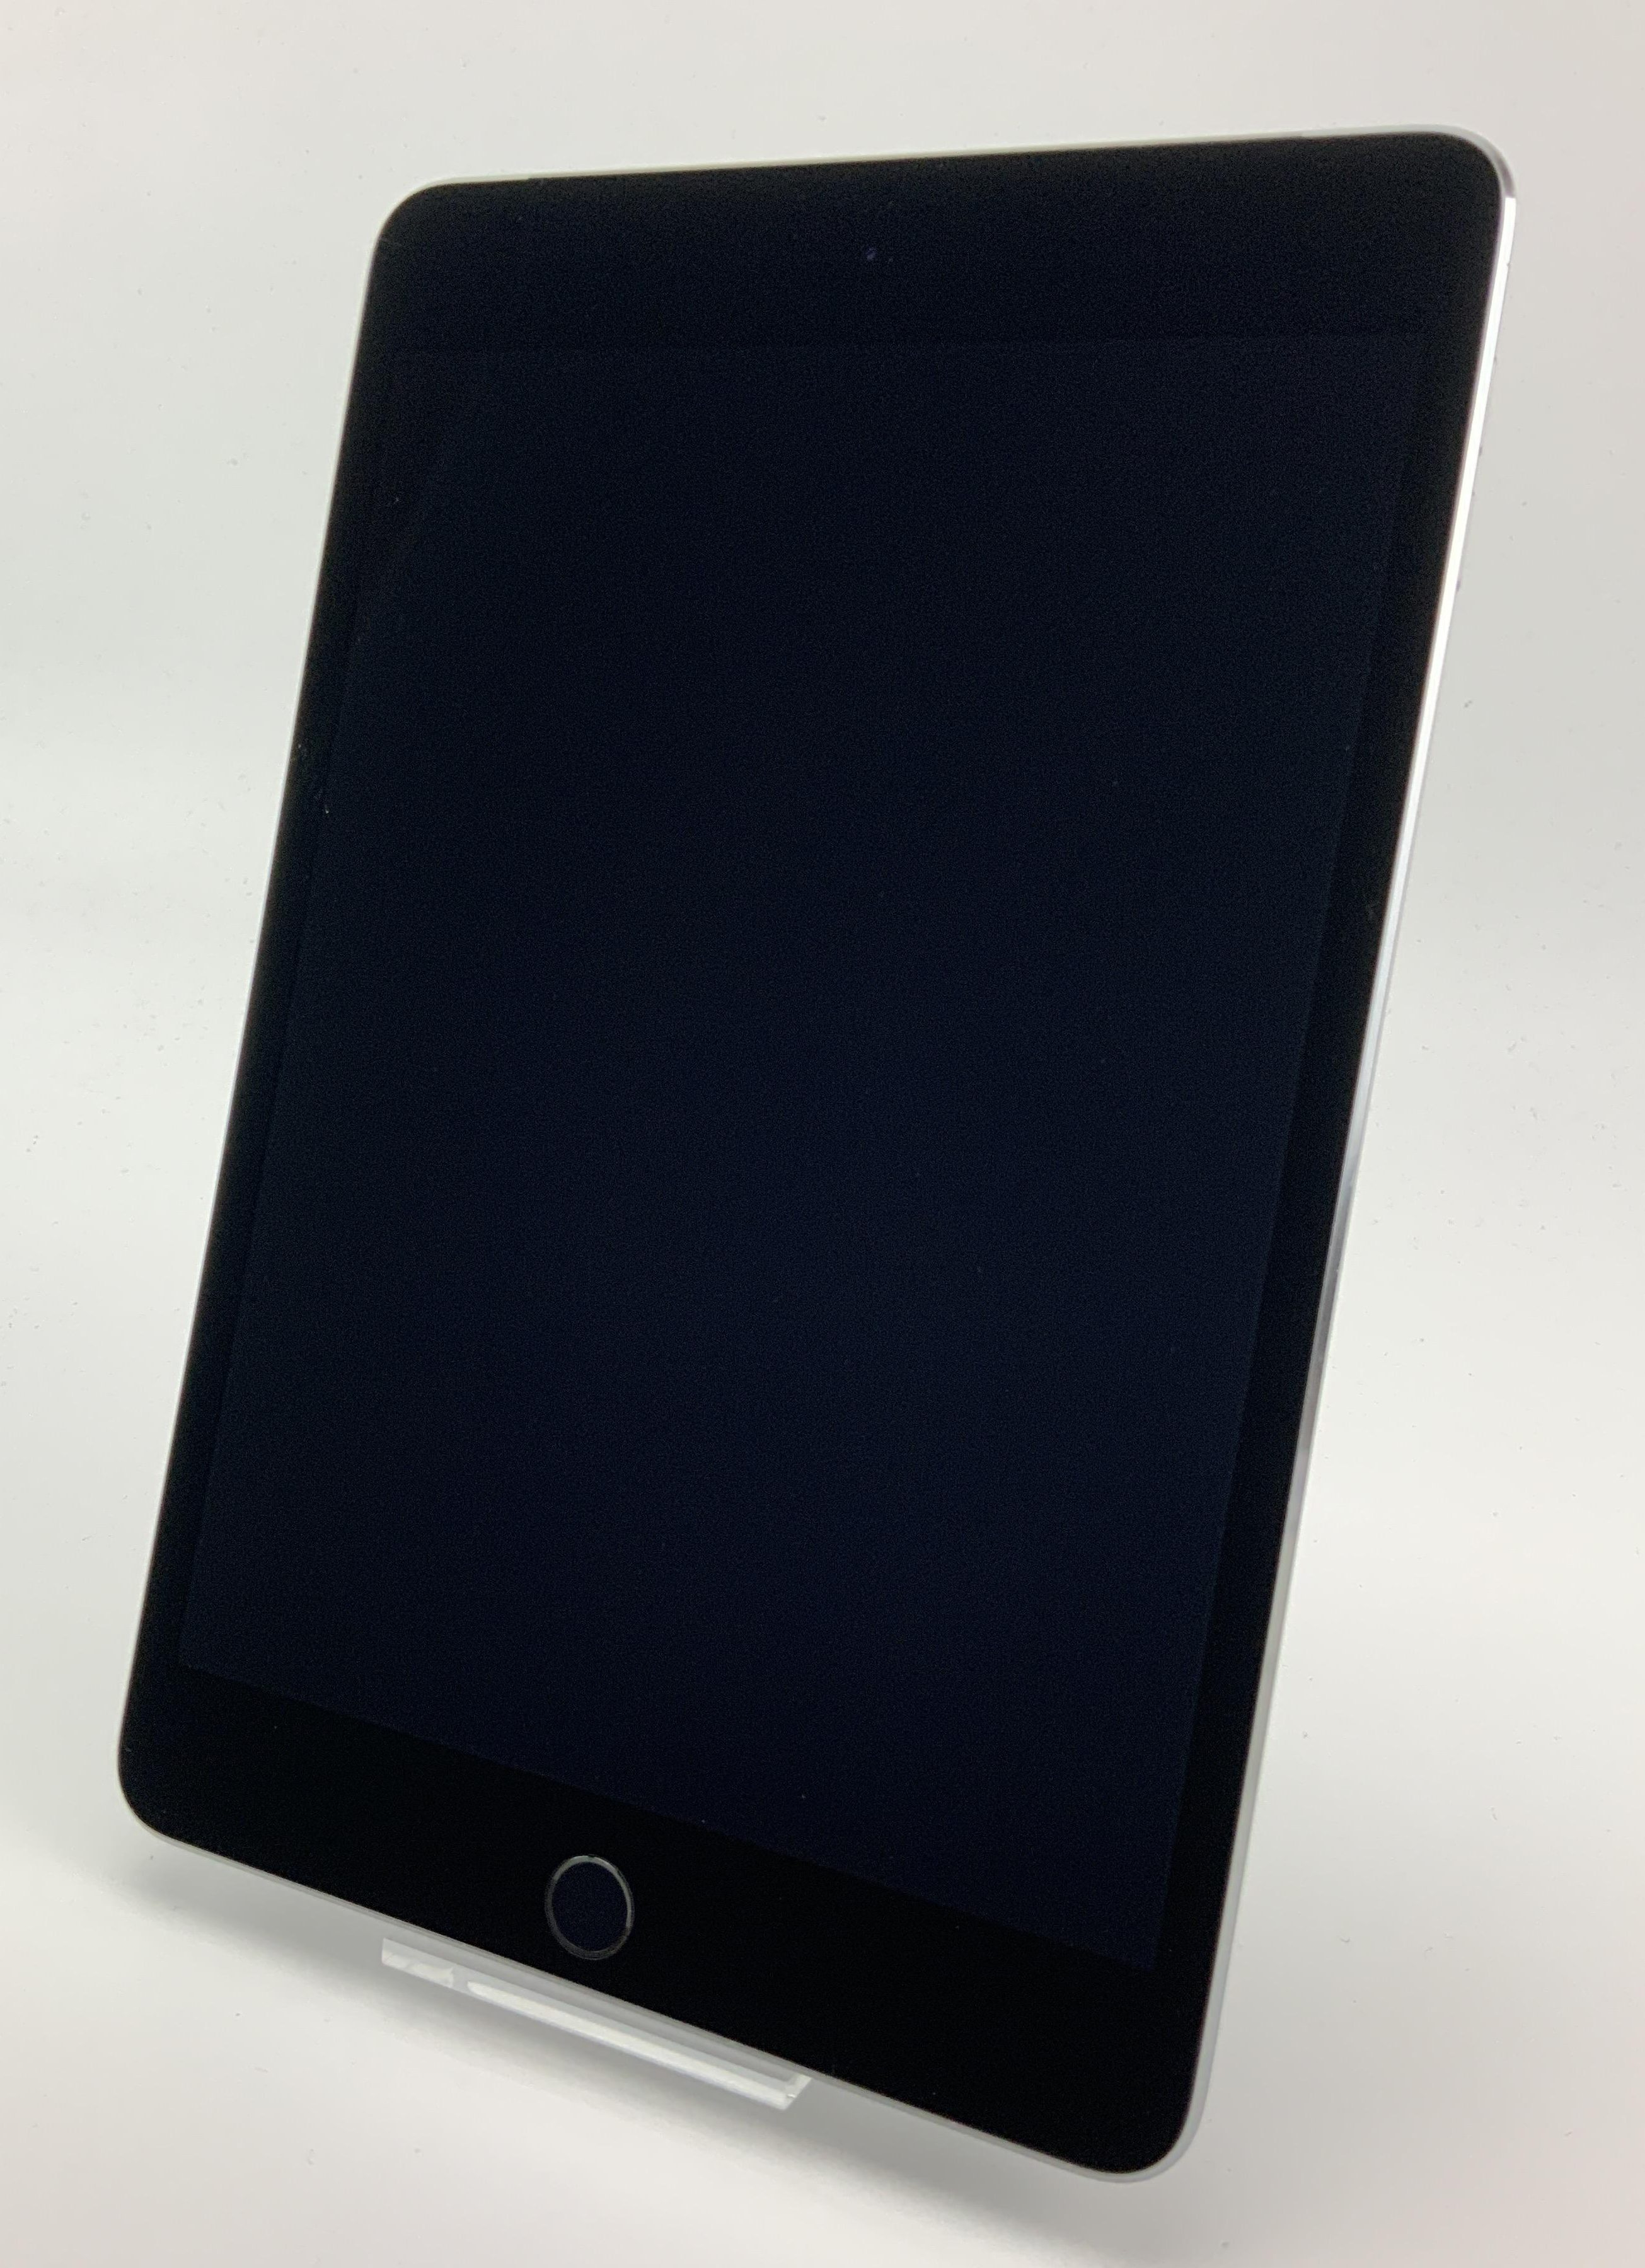 iPad mini 4 Wi-Fi + Cellular 128GB, 128GB, Space Gray, Kuva 1